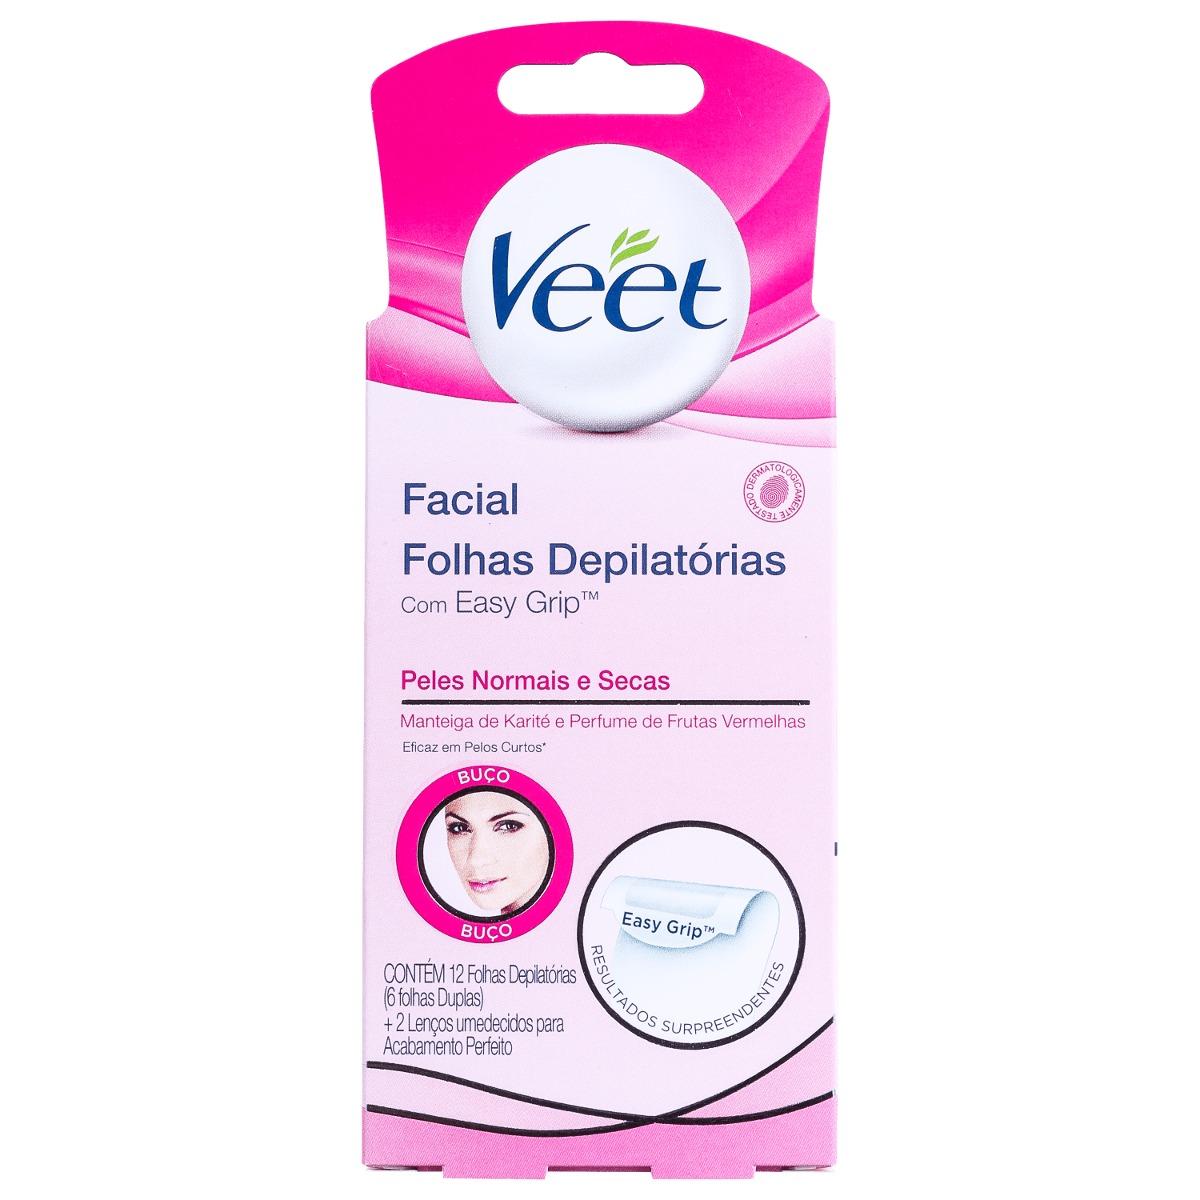 Veet Facial Folhas Depilatórias Peles Normais e Secas Com 12 Folhas